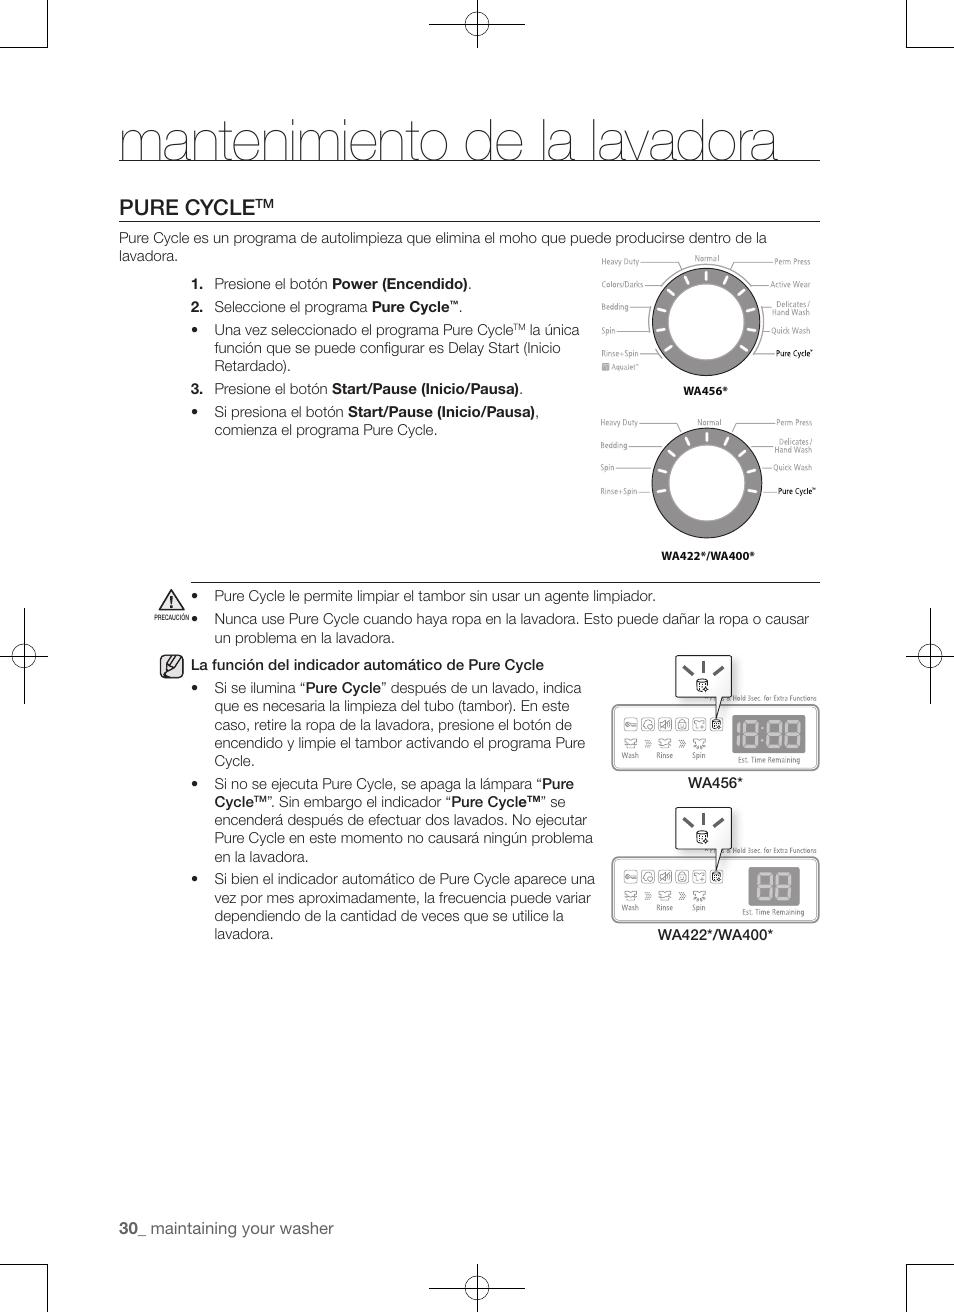 Mantenimiento De La Lavadora Pure Cycle Samsung Wa456drhdsu Aa User Manual Page